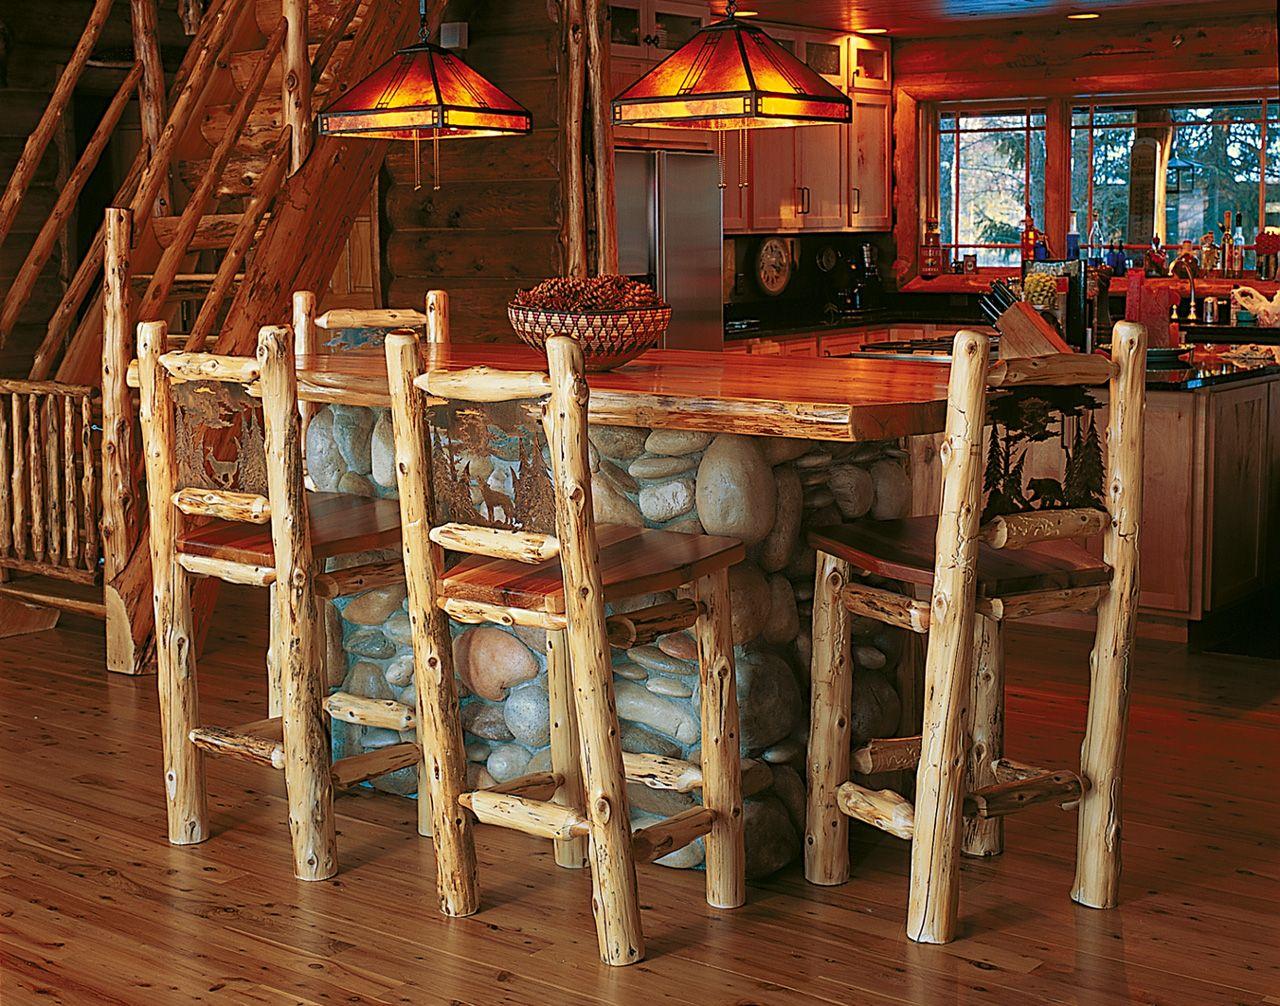 Cuyuna Bar Stool Log Cabin Decor Cabin Decor Log Cabin Kitchens